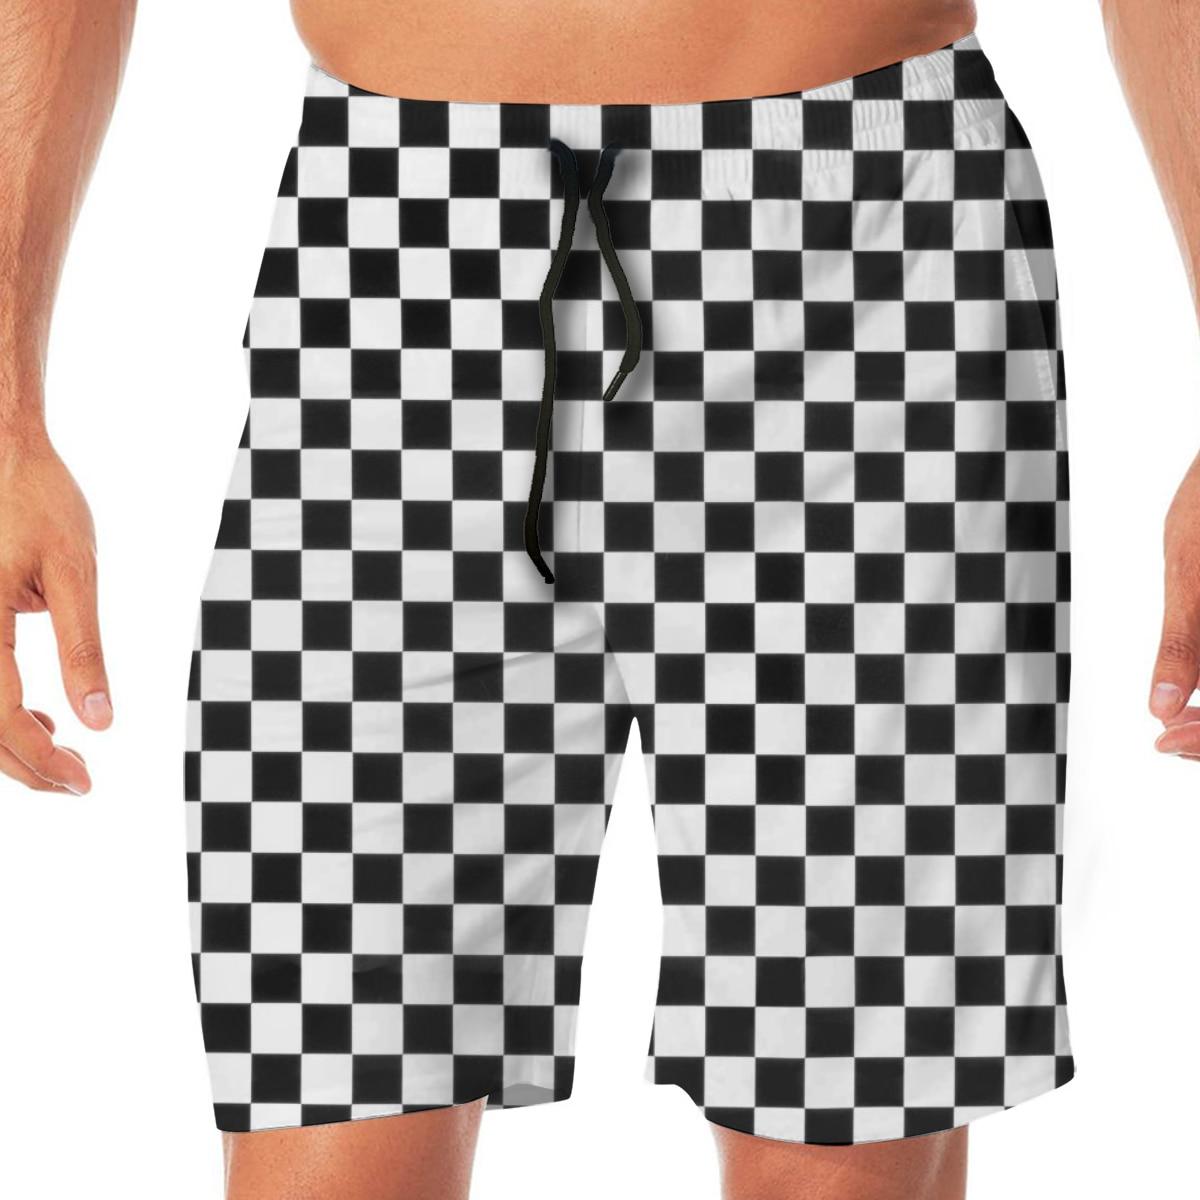 White Black Checker Swimming Shorts For Men Swimwear Man Swimsuit Swim Trunks Summer Bathing Beach Wear